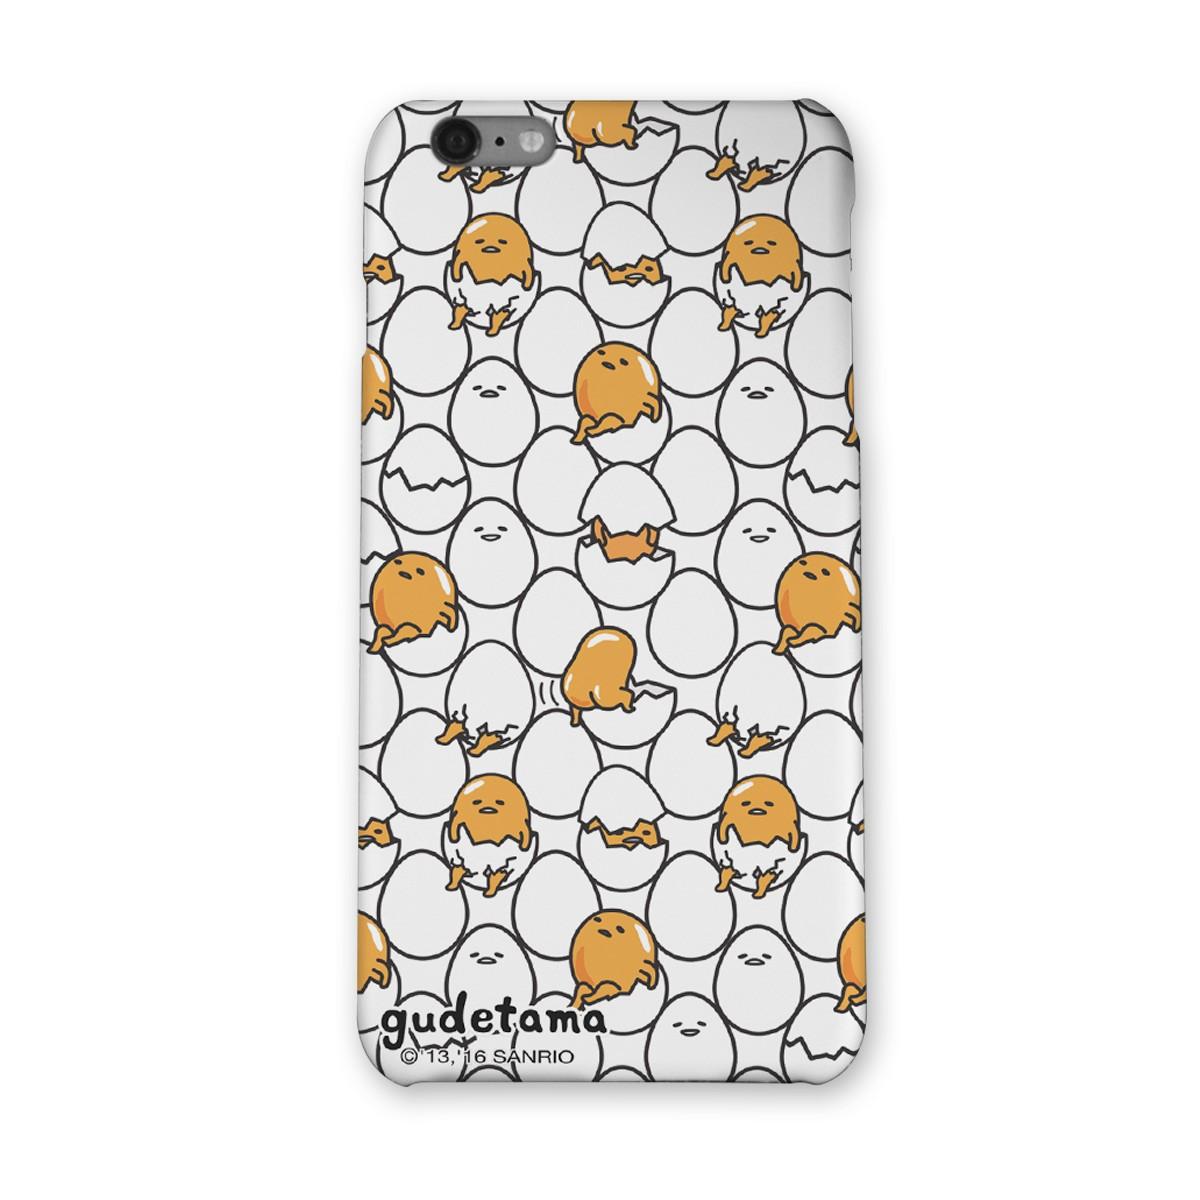 Capa para iPhone 6/6S Gudetama Eggshell